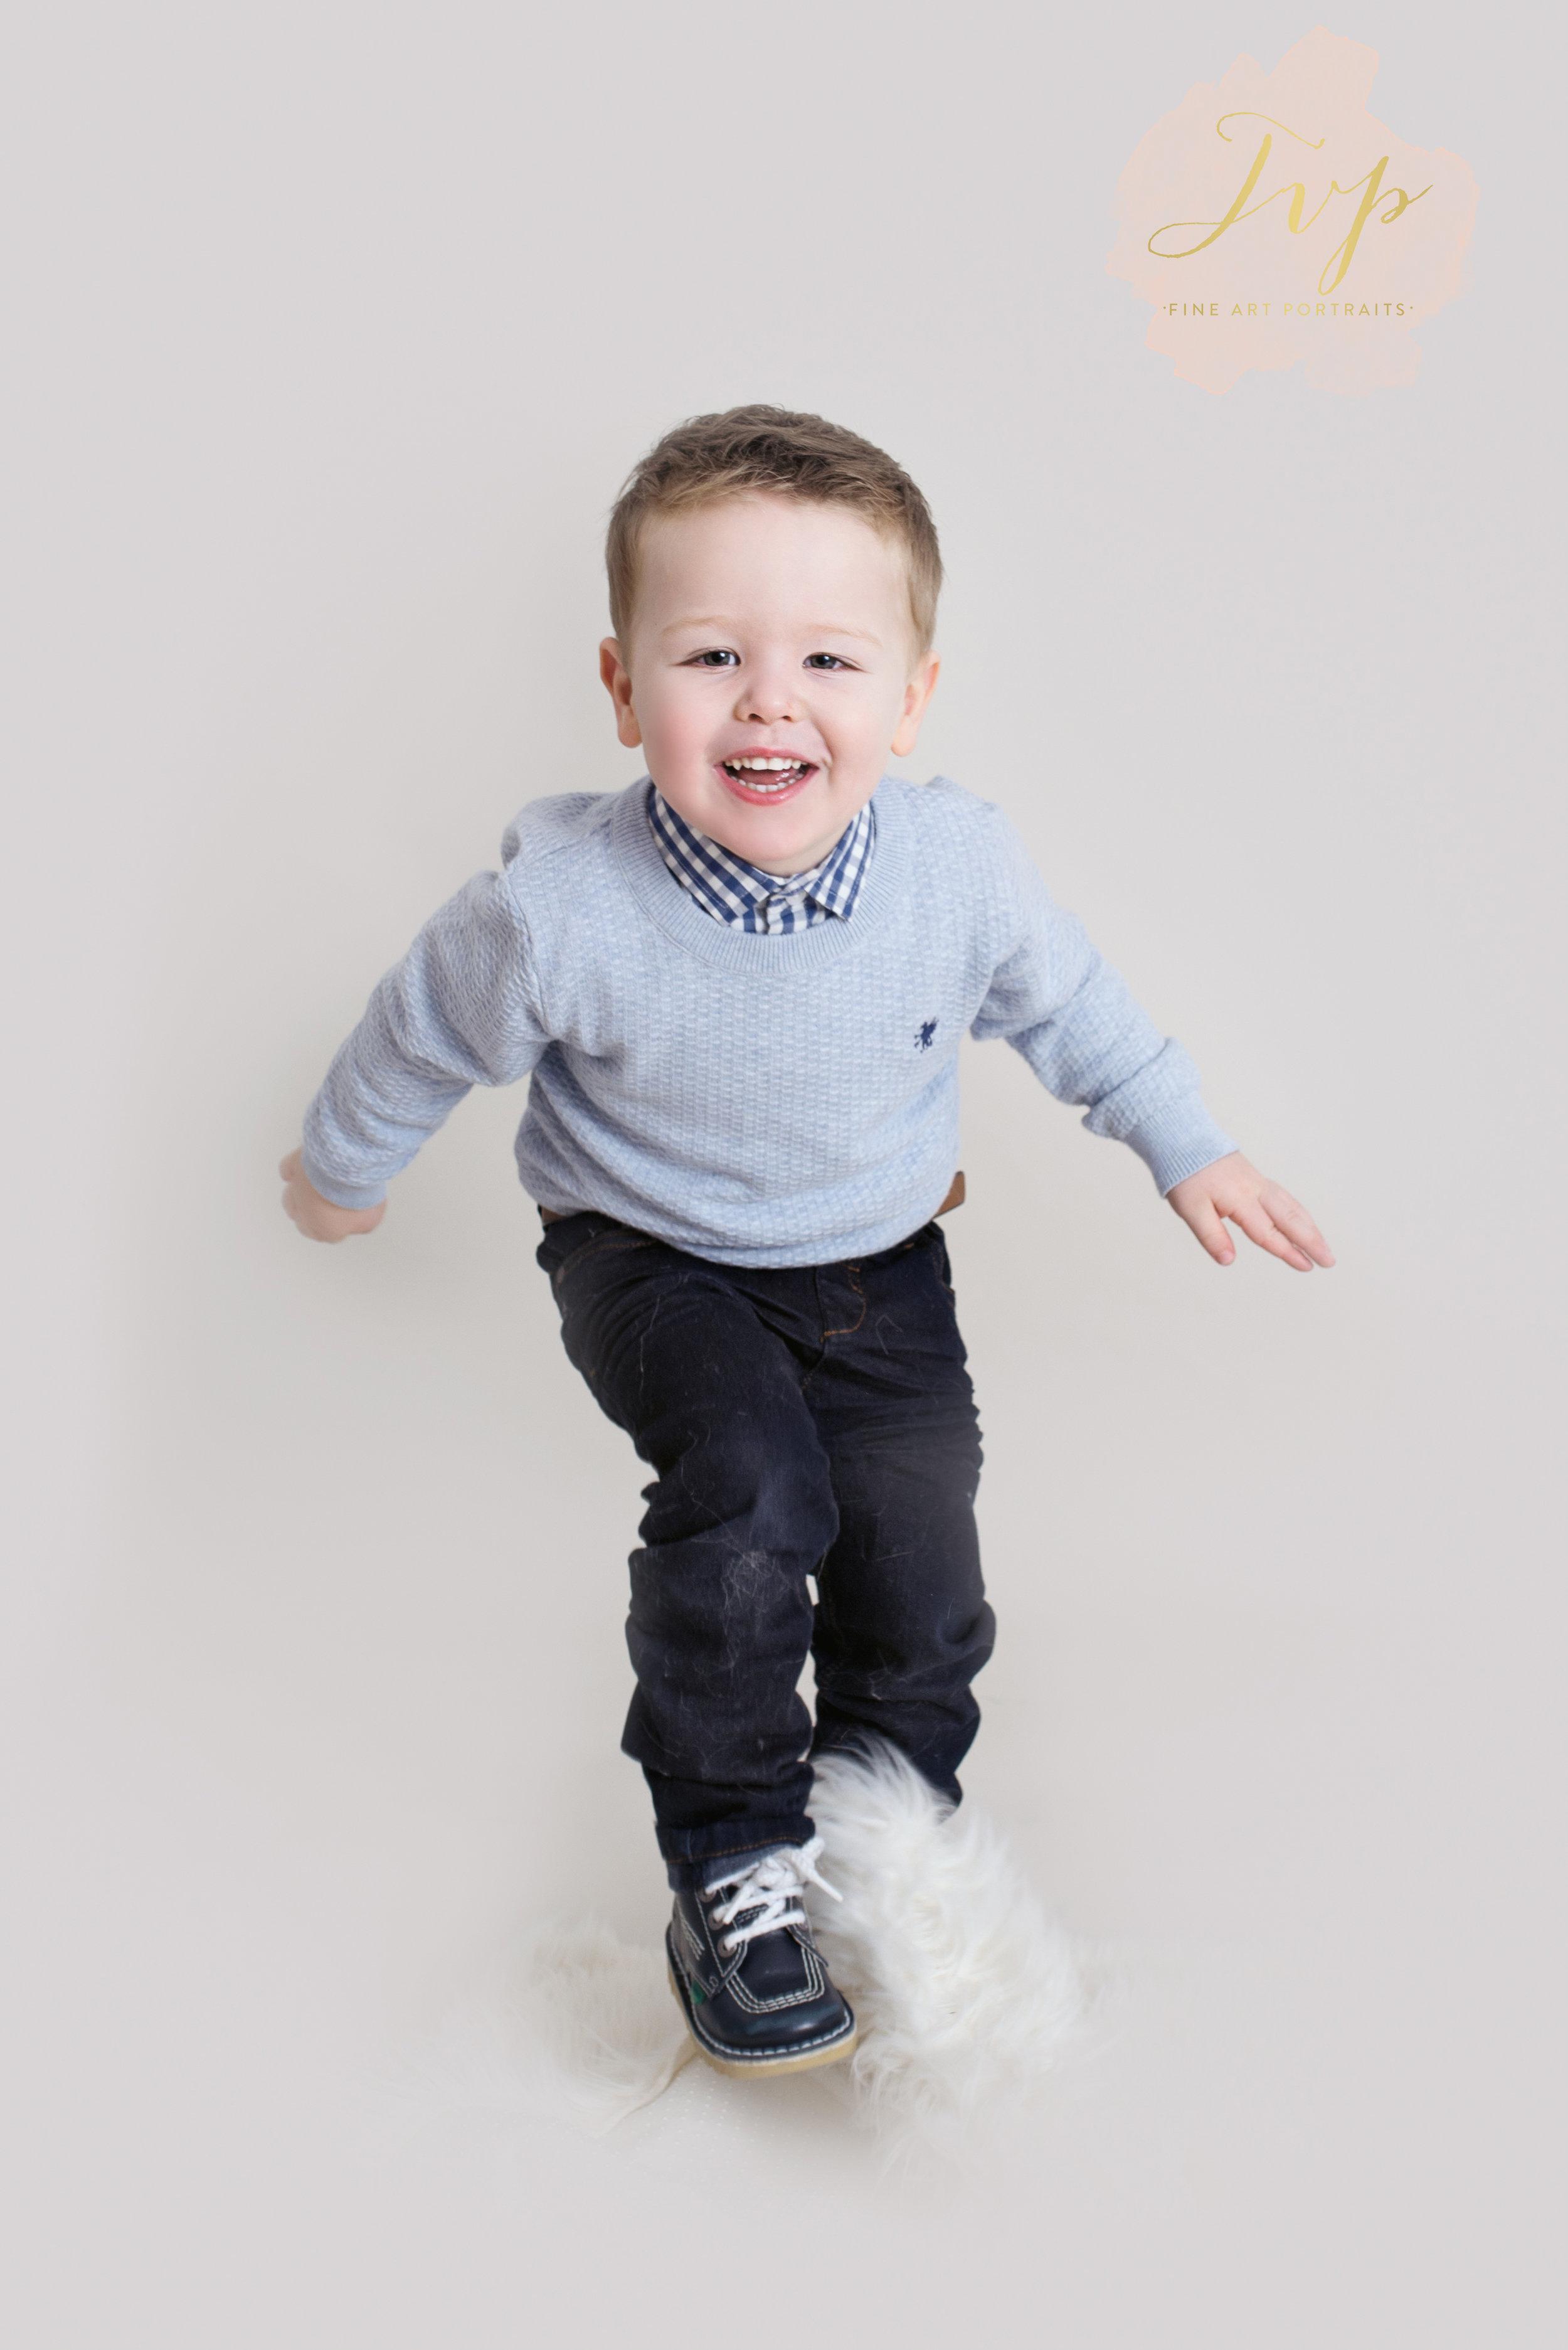 jump-family-photographer-glasgow